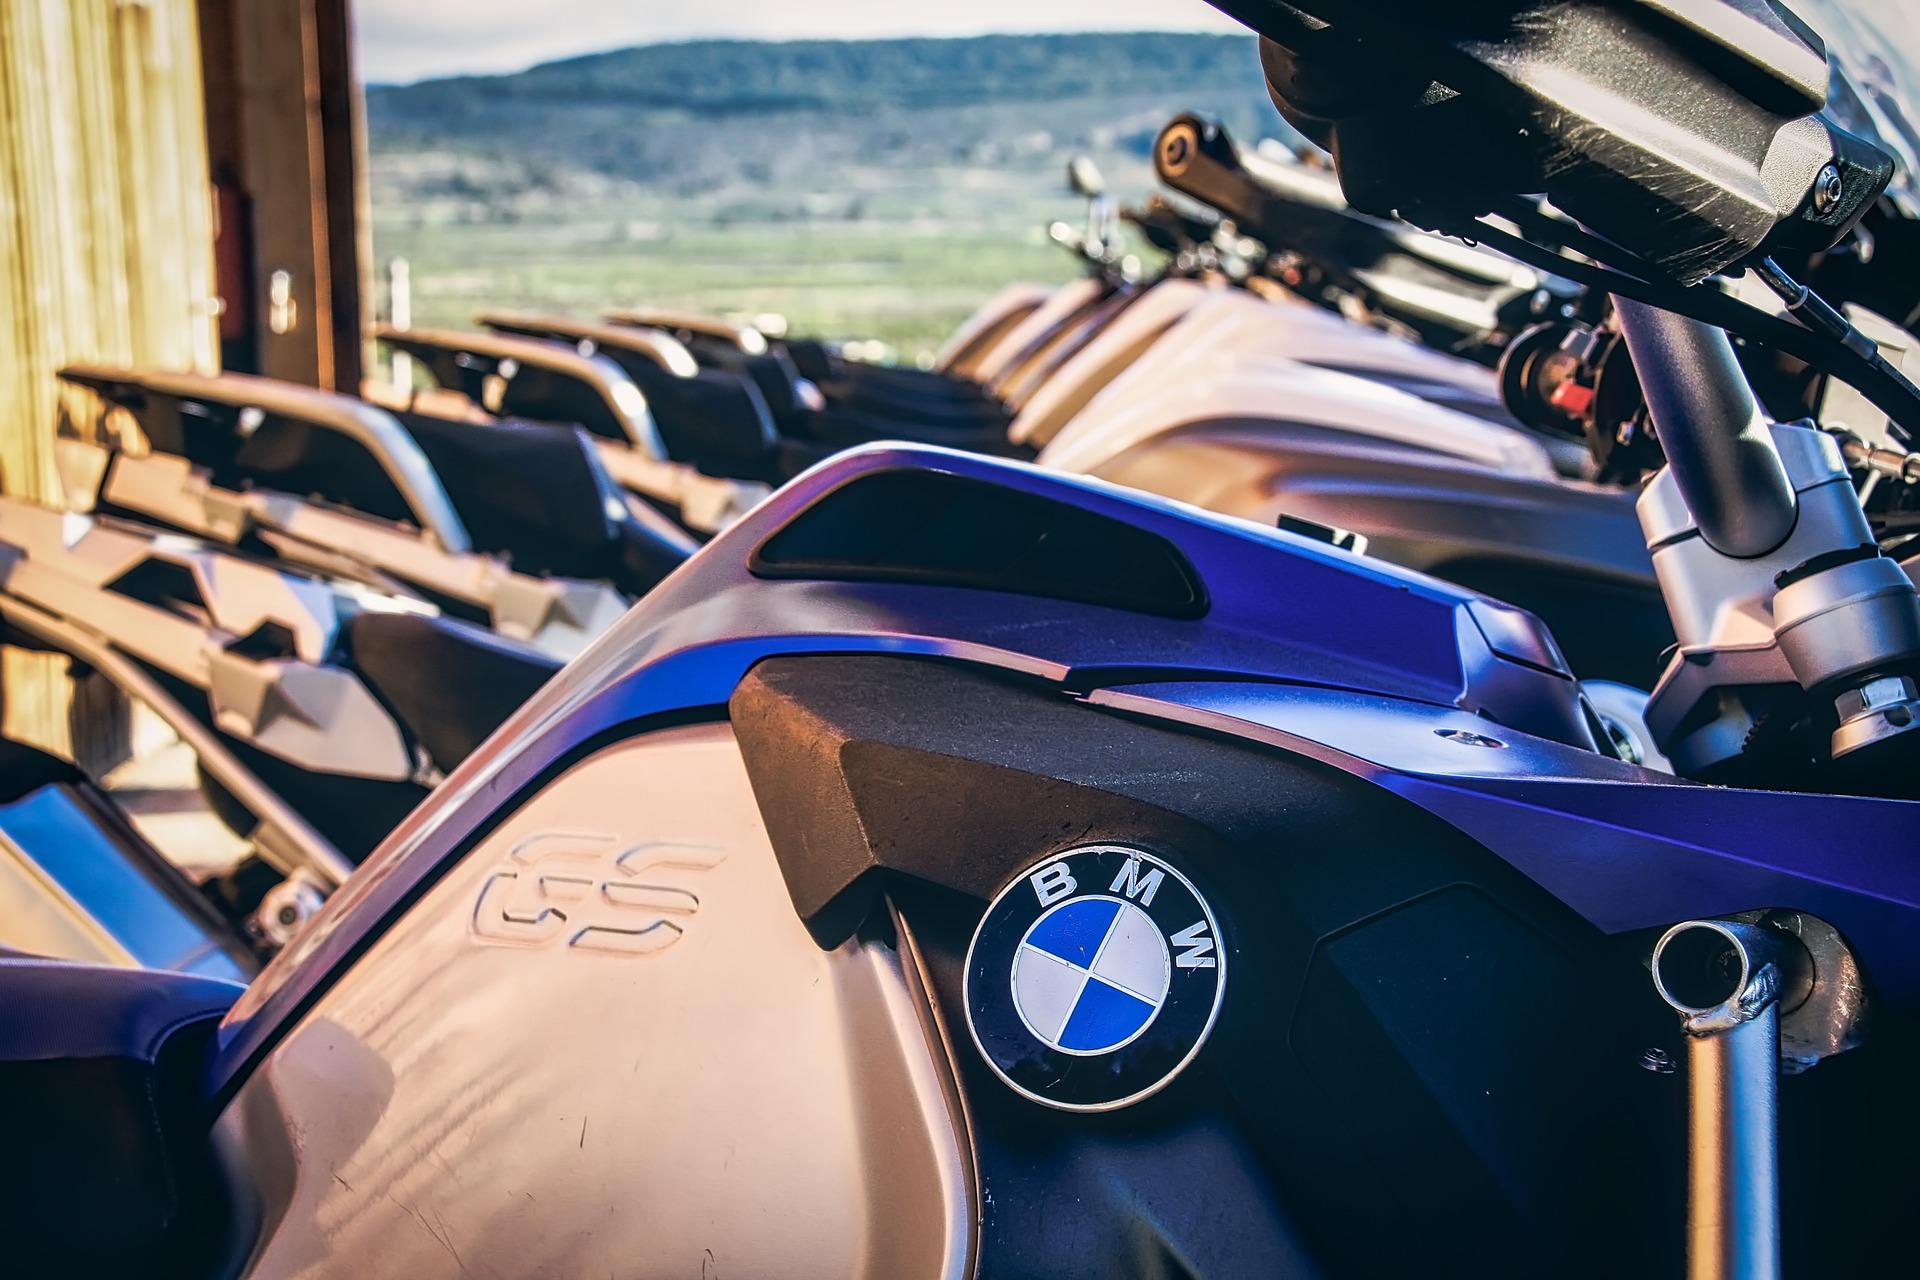 BMW dezvaluie un nou prototip de motocicleta electrica!